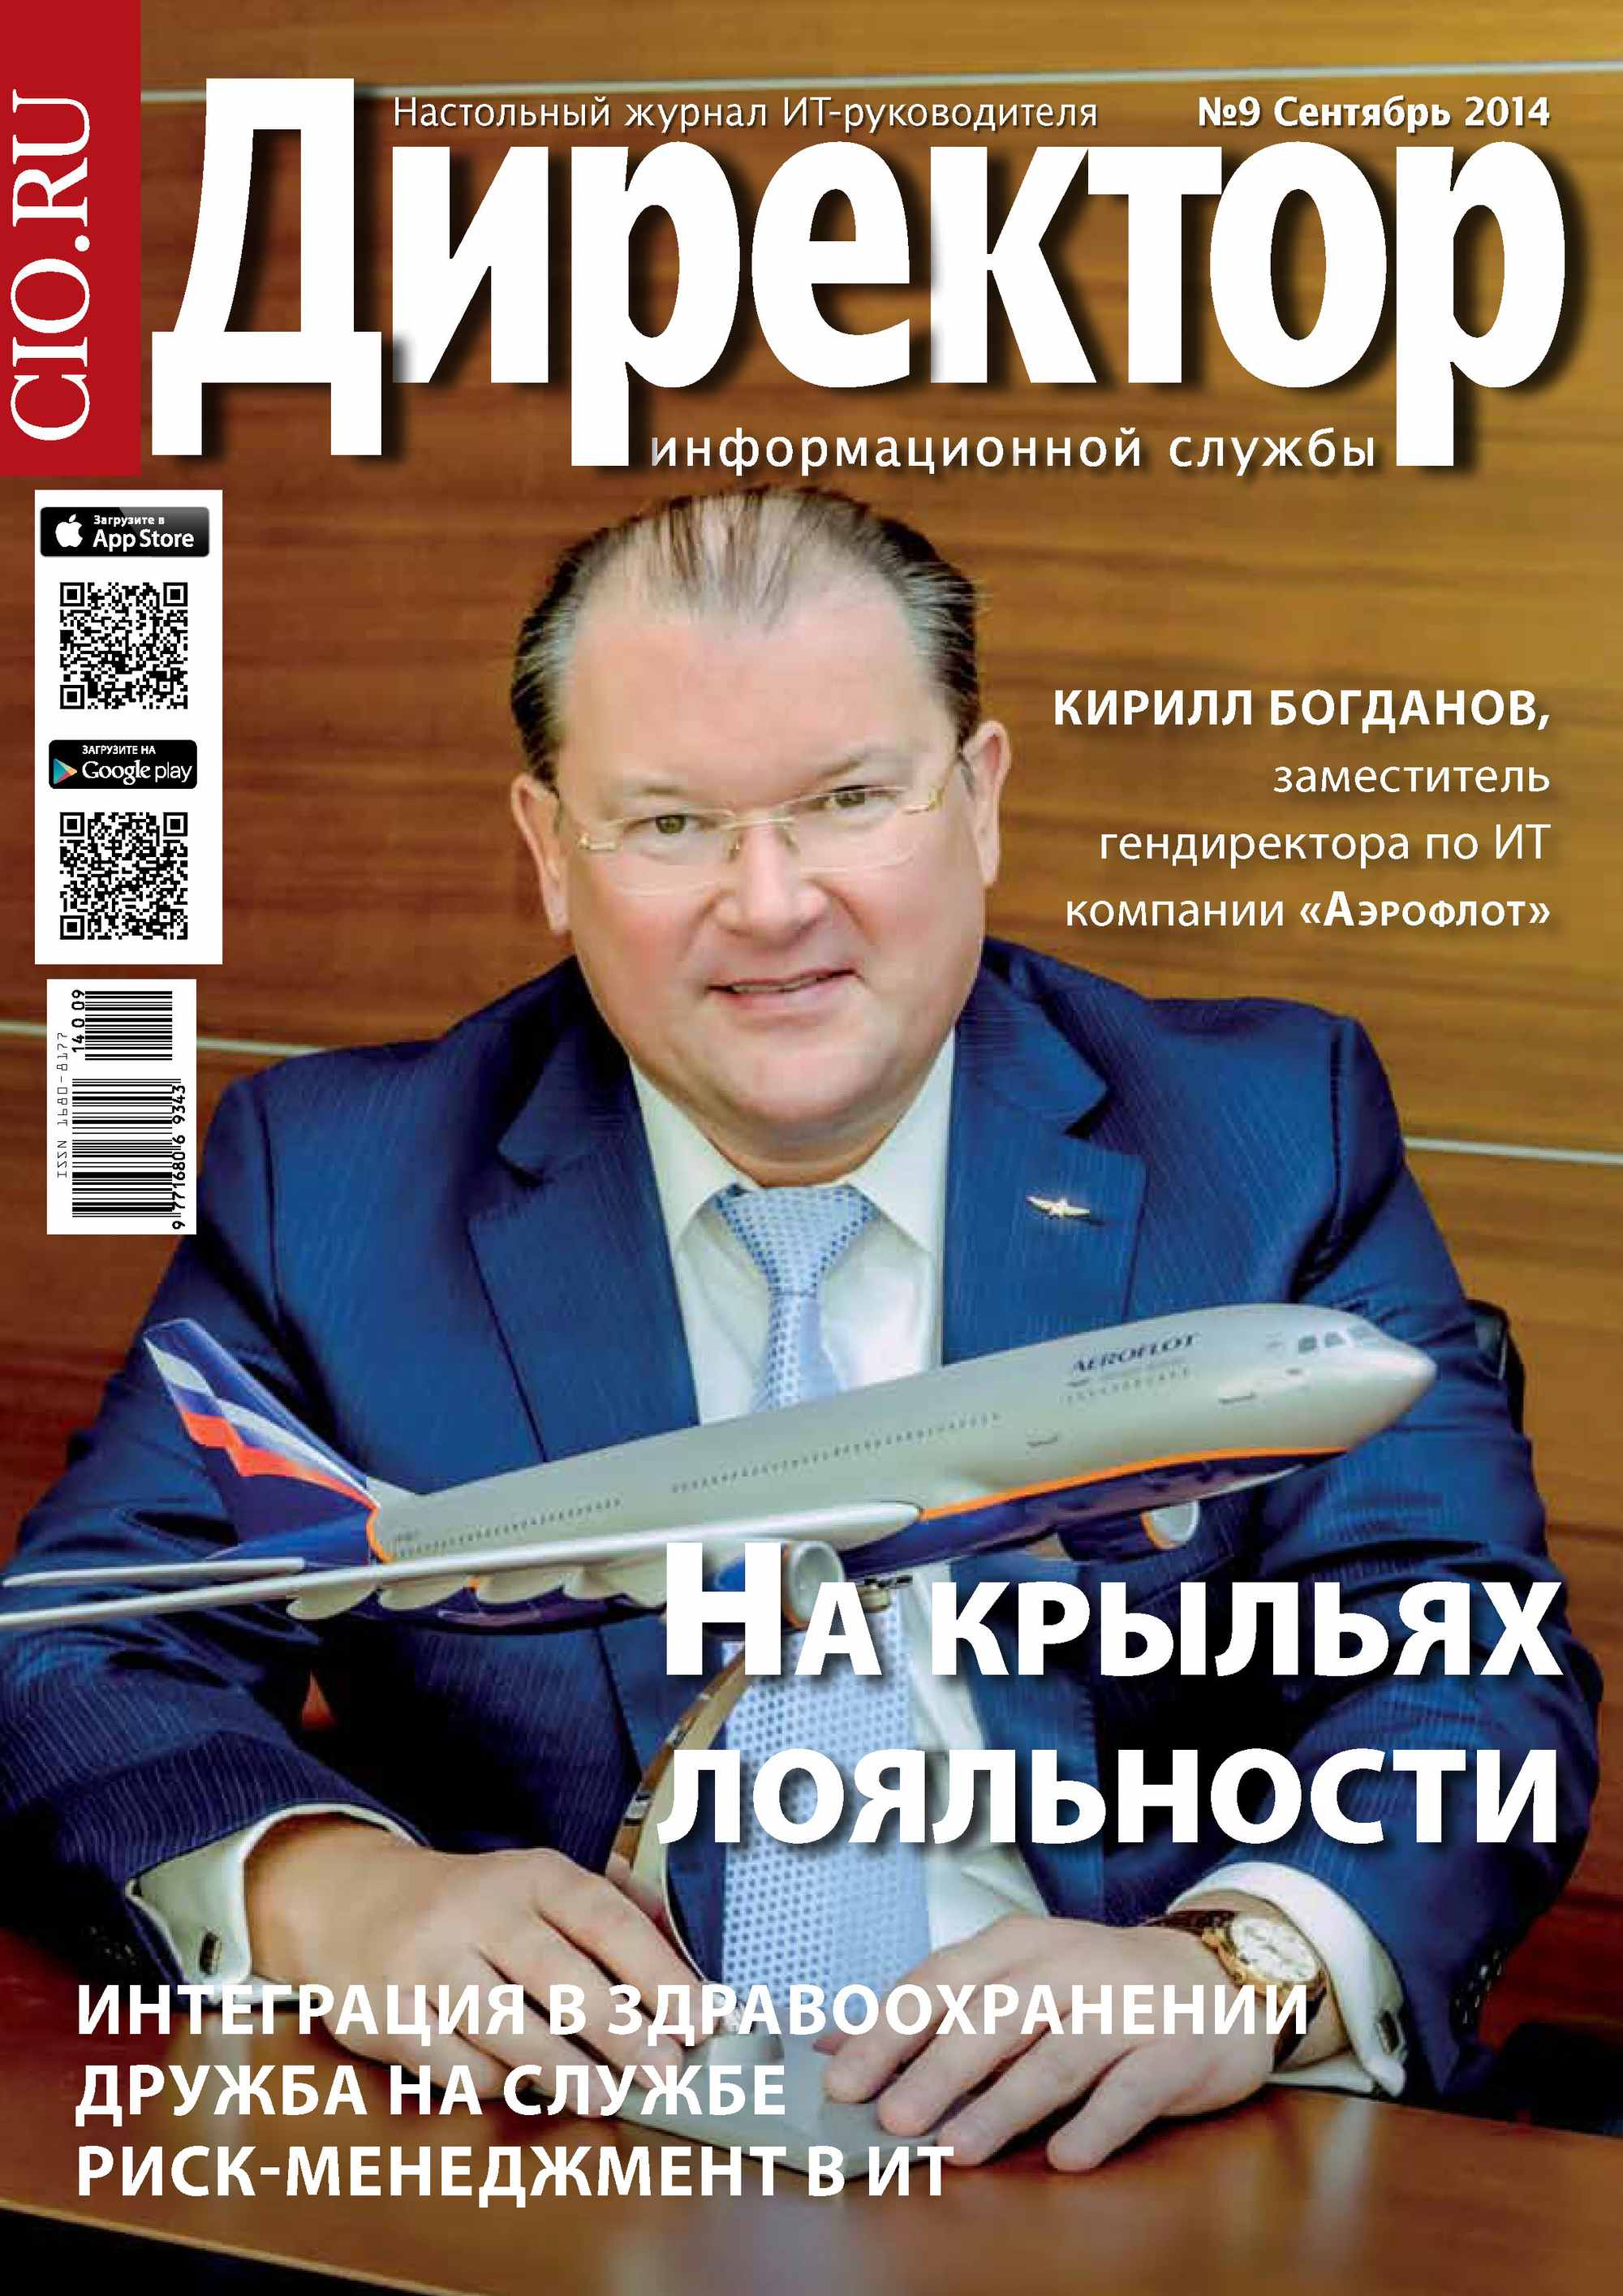 Открытые системы Директор информационной службы №09/2014